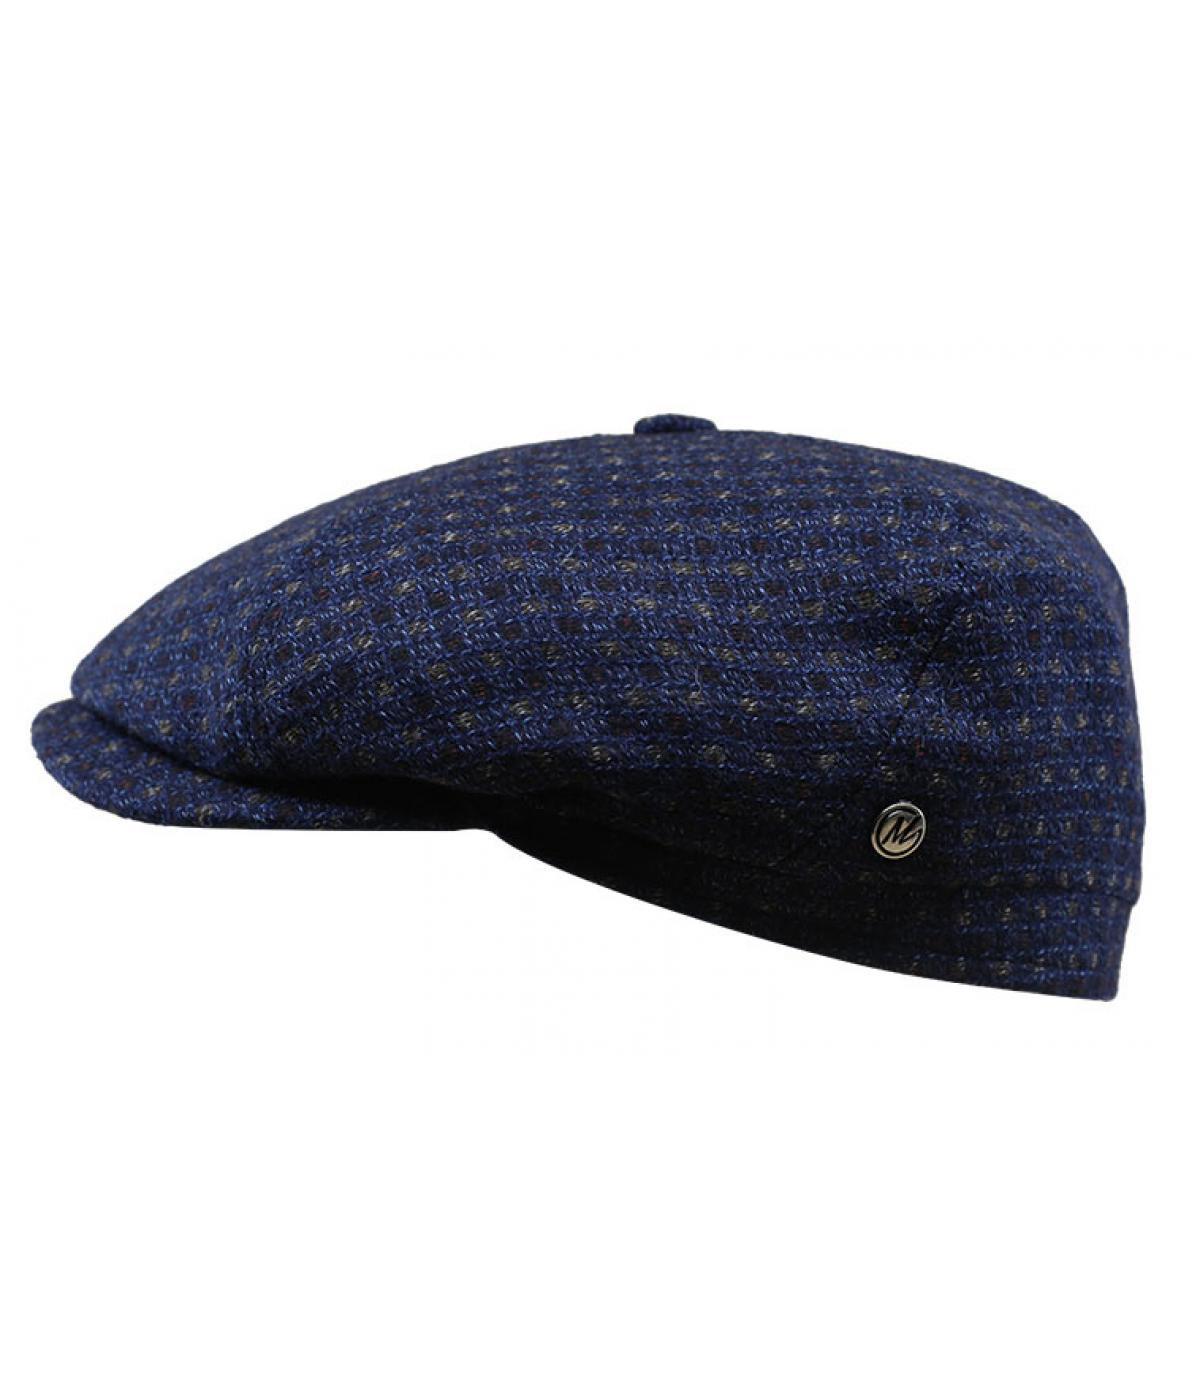 béret bleu marine laine cachemire